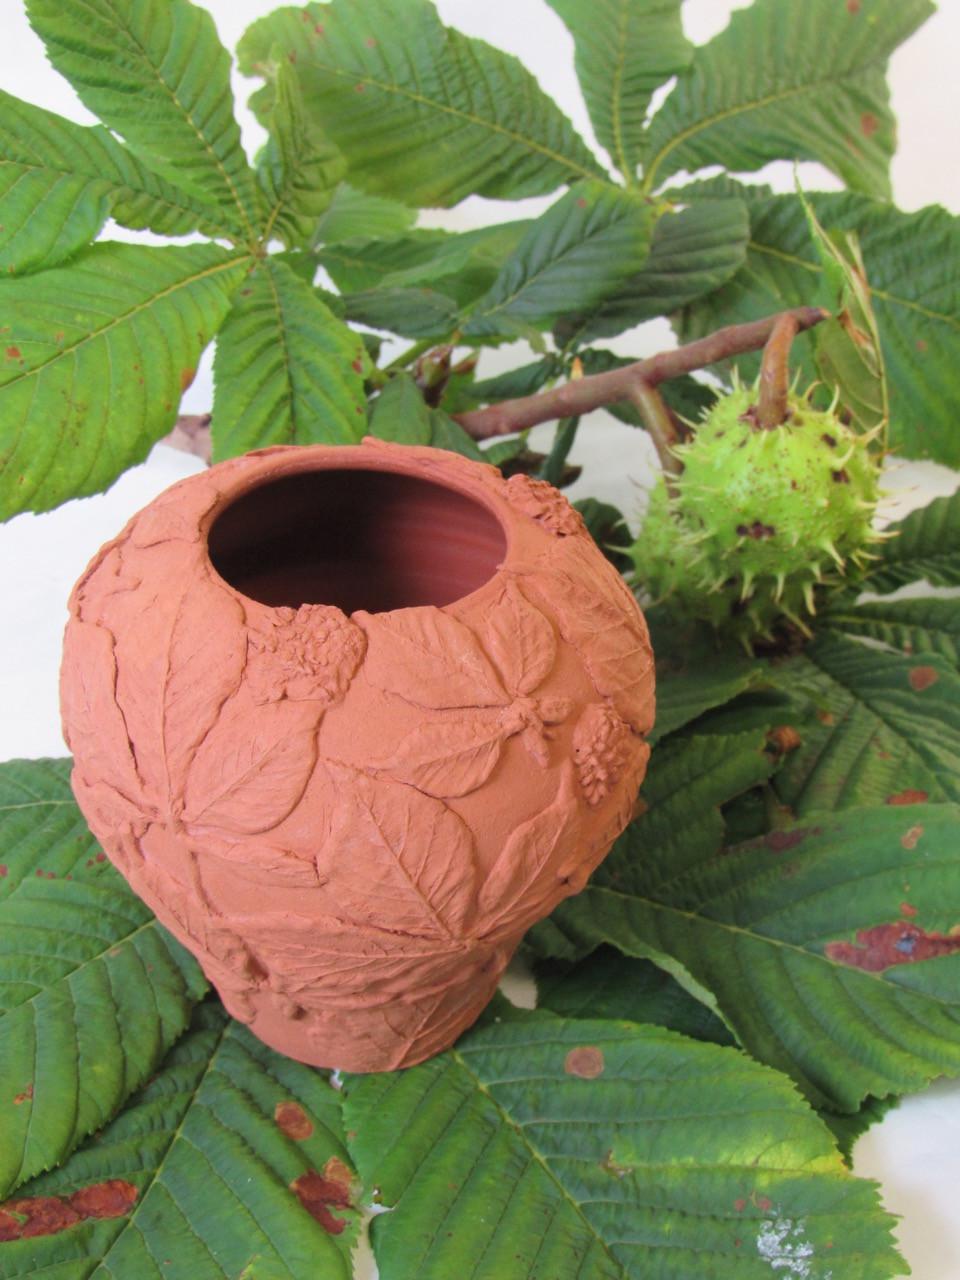 Horse Chestnut Vase